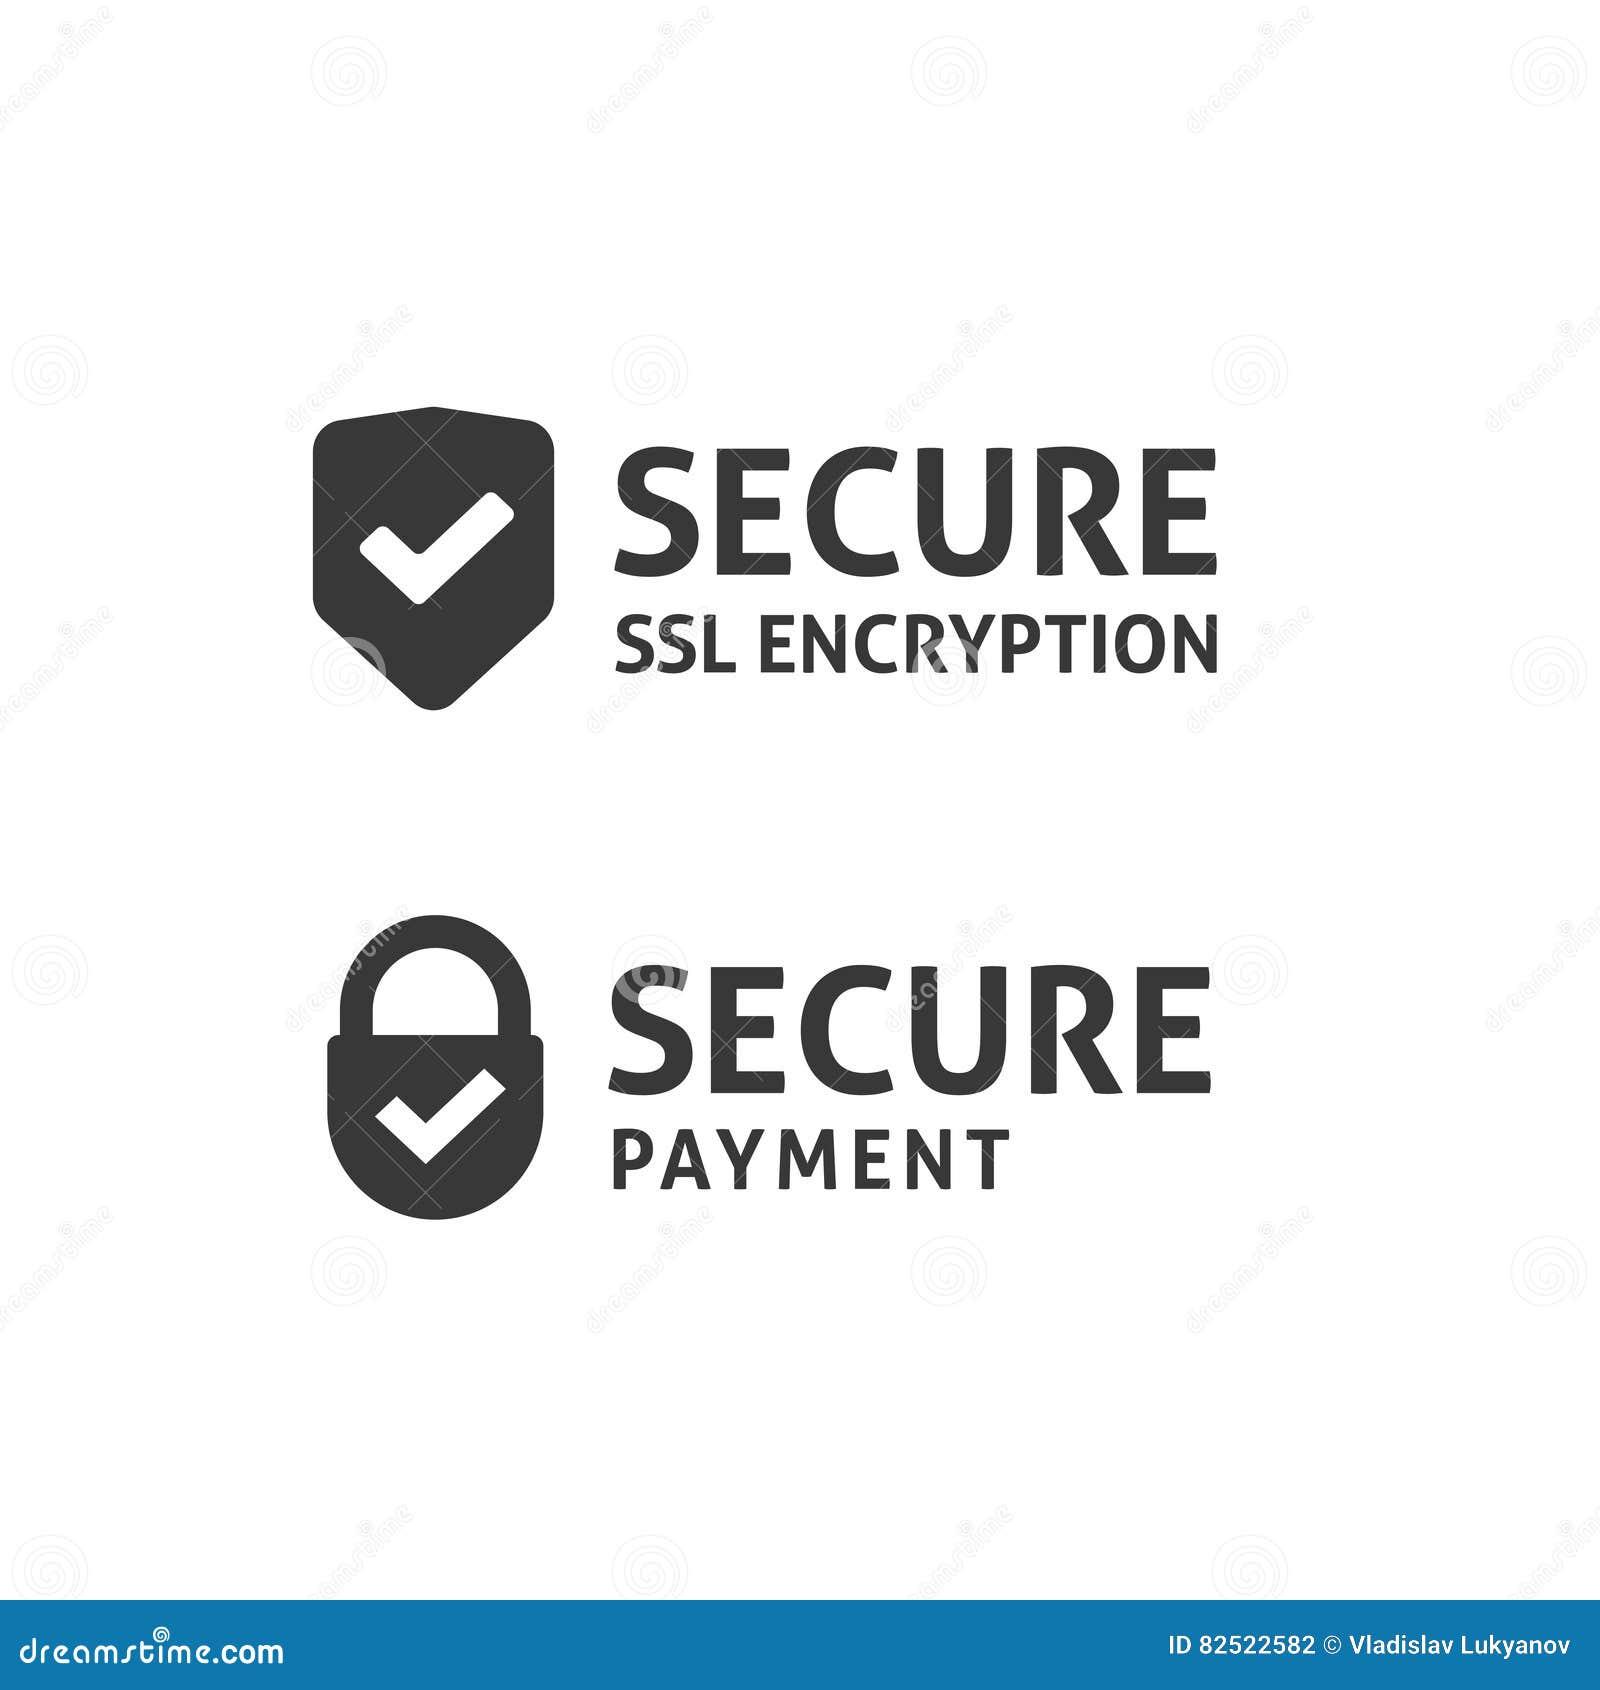 Icona del collegamento sicuro, schermo fissato dello SSL, pagamento protetto, dati sicuri